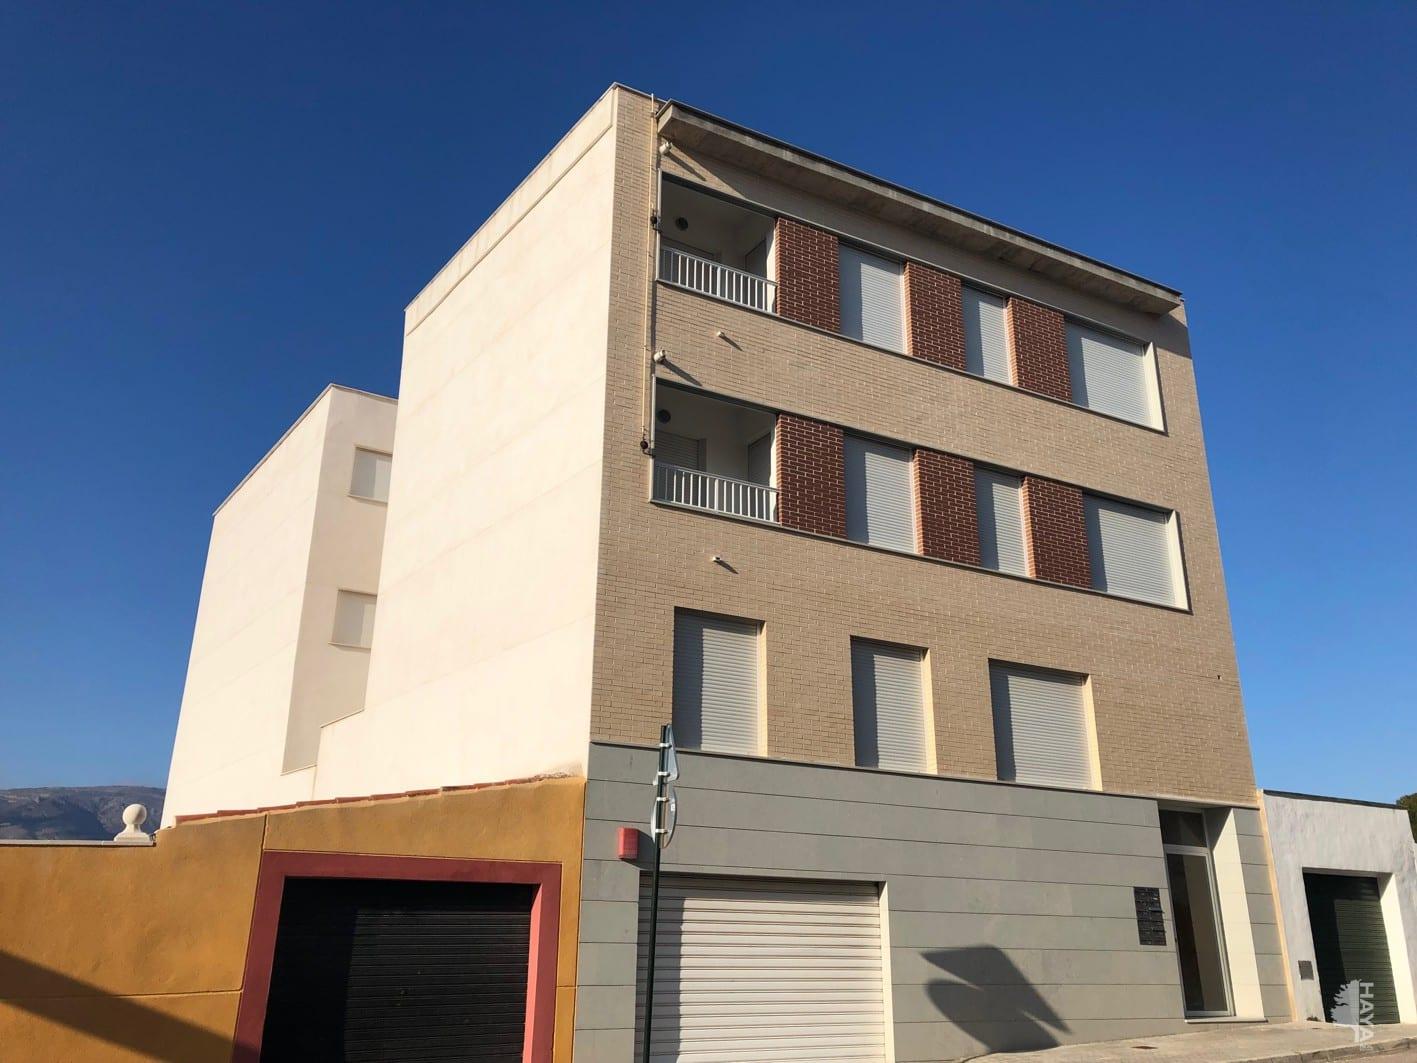 Piso en venta en Viaducte, Alcoy/alcoi, Alicante, Calle Sant Joan de Ribera, 70.000 €, 2 habitaciones, 1 baño, 69 m2